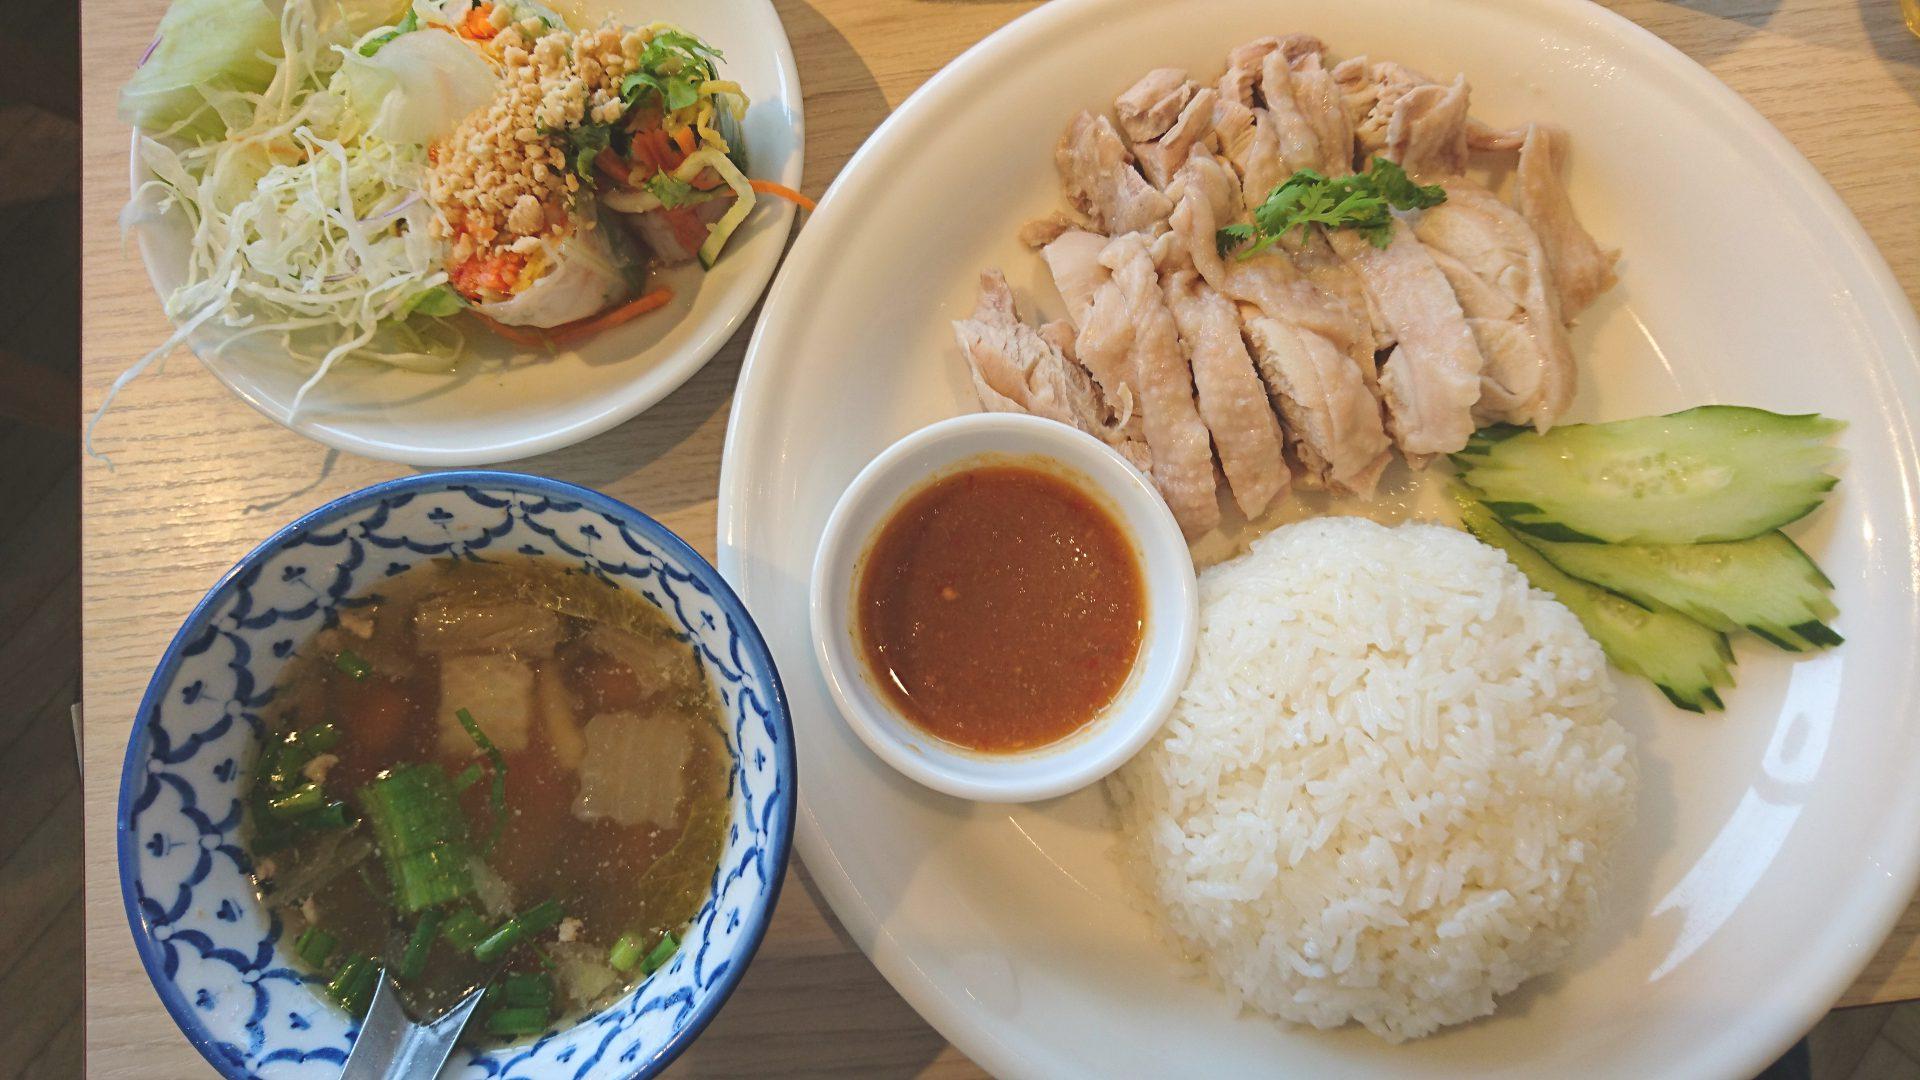 プリンスアンドプリンセス(お台場)でタイ料理のランチを食べました